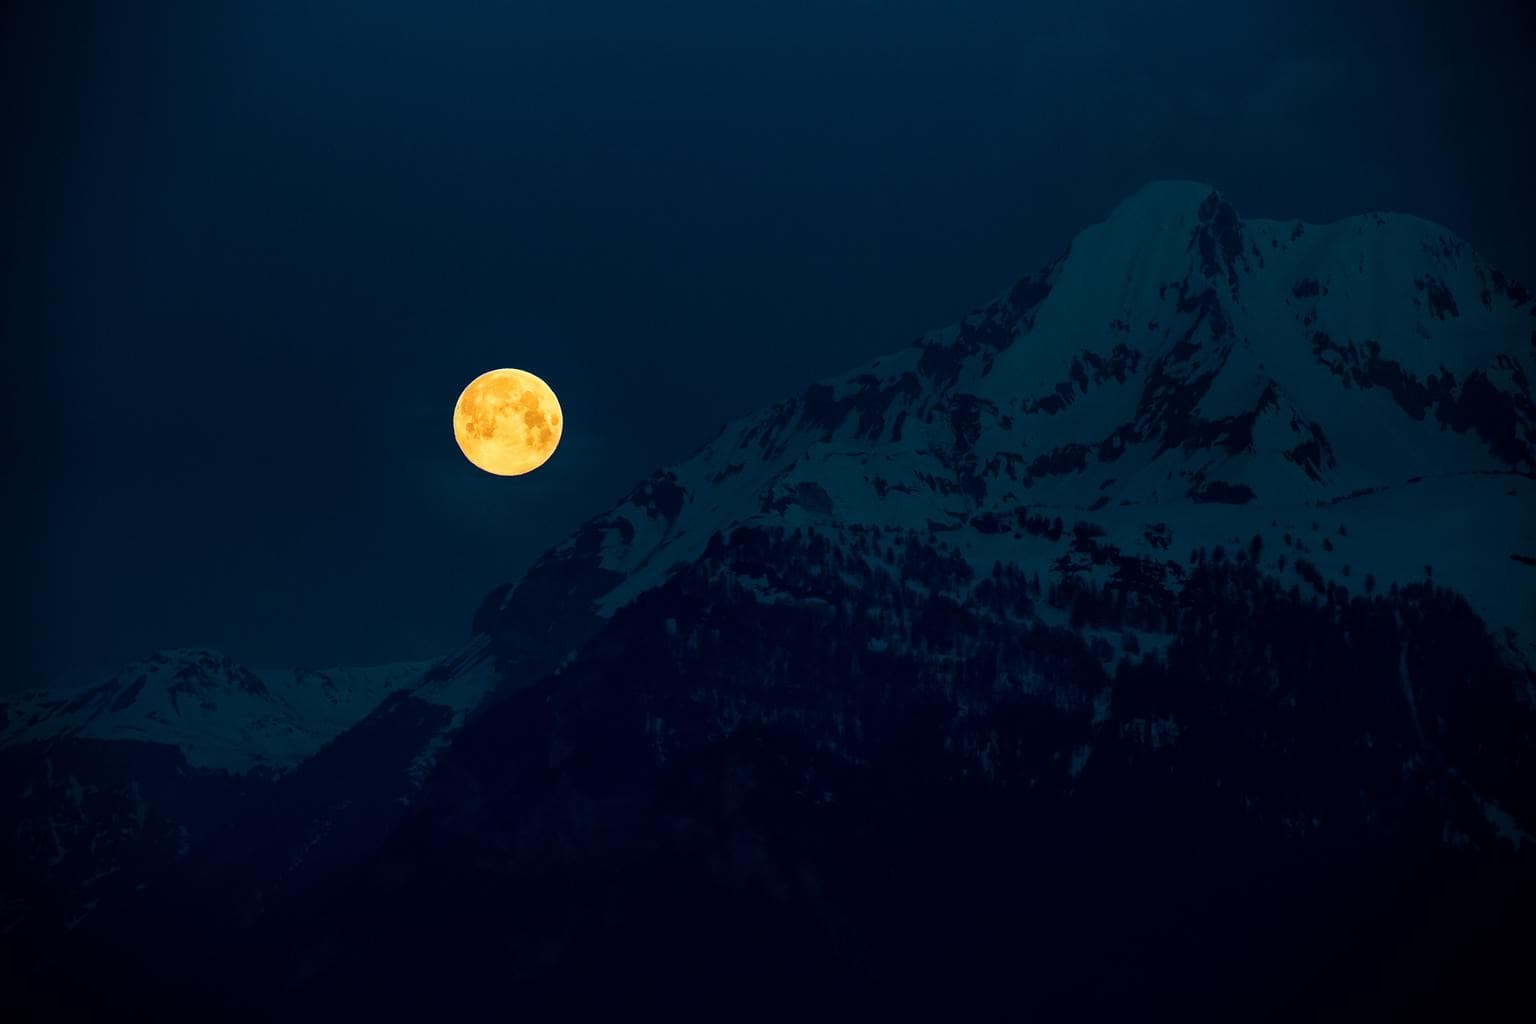 luna llena montaña nevada